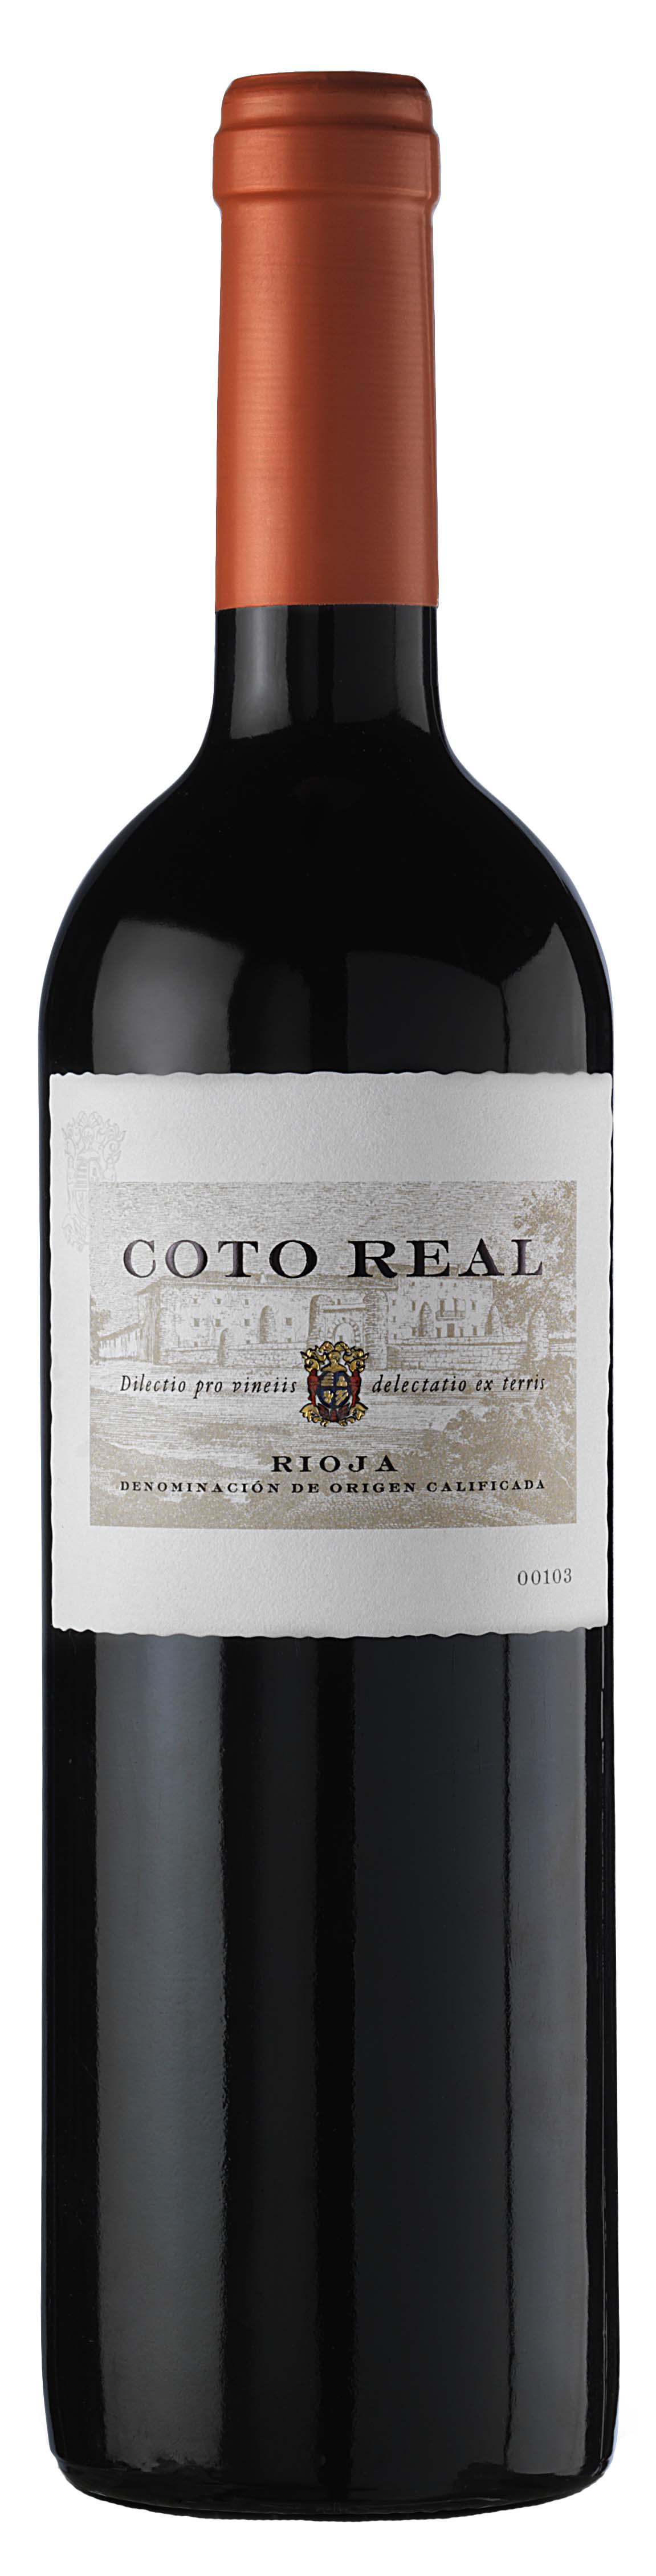 El Coto, `Coto Real` Rioja Reserva 2011